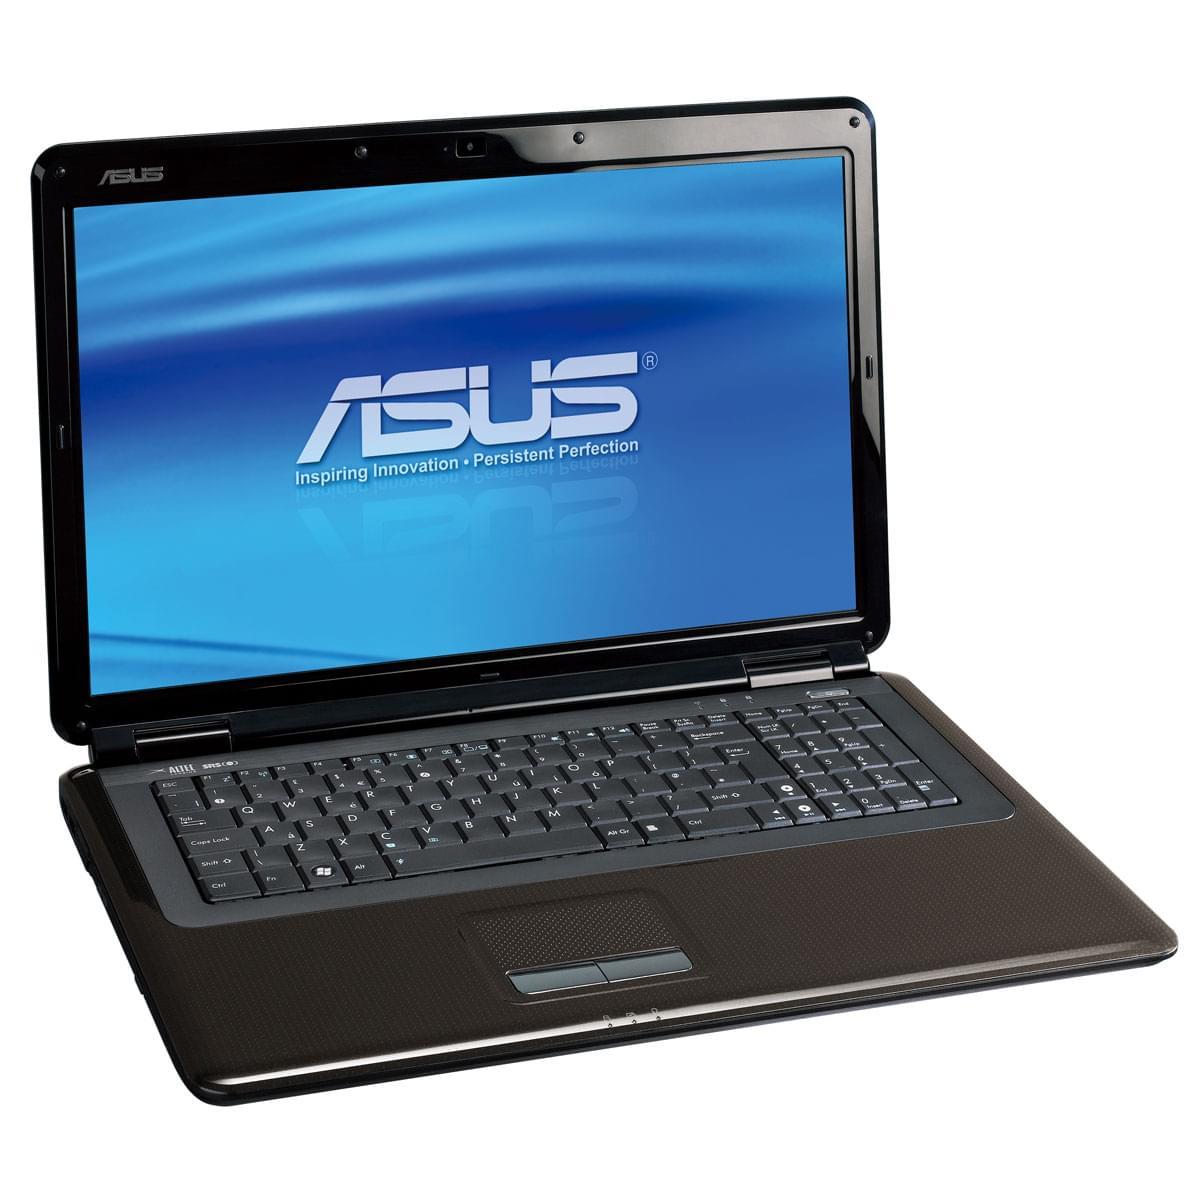 Asus K70IJ-TY178V - PC portable Asus - Cybertek.fr - 0